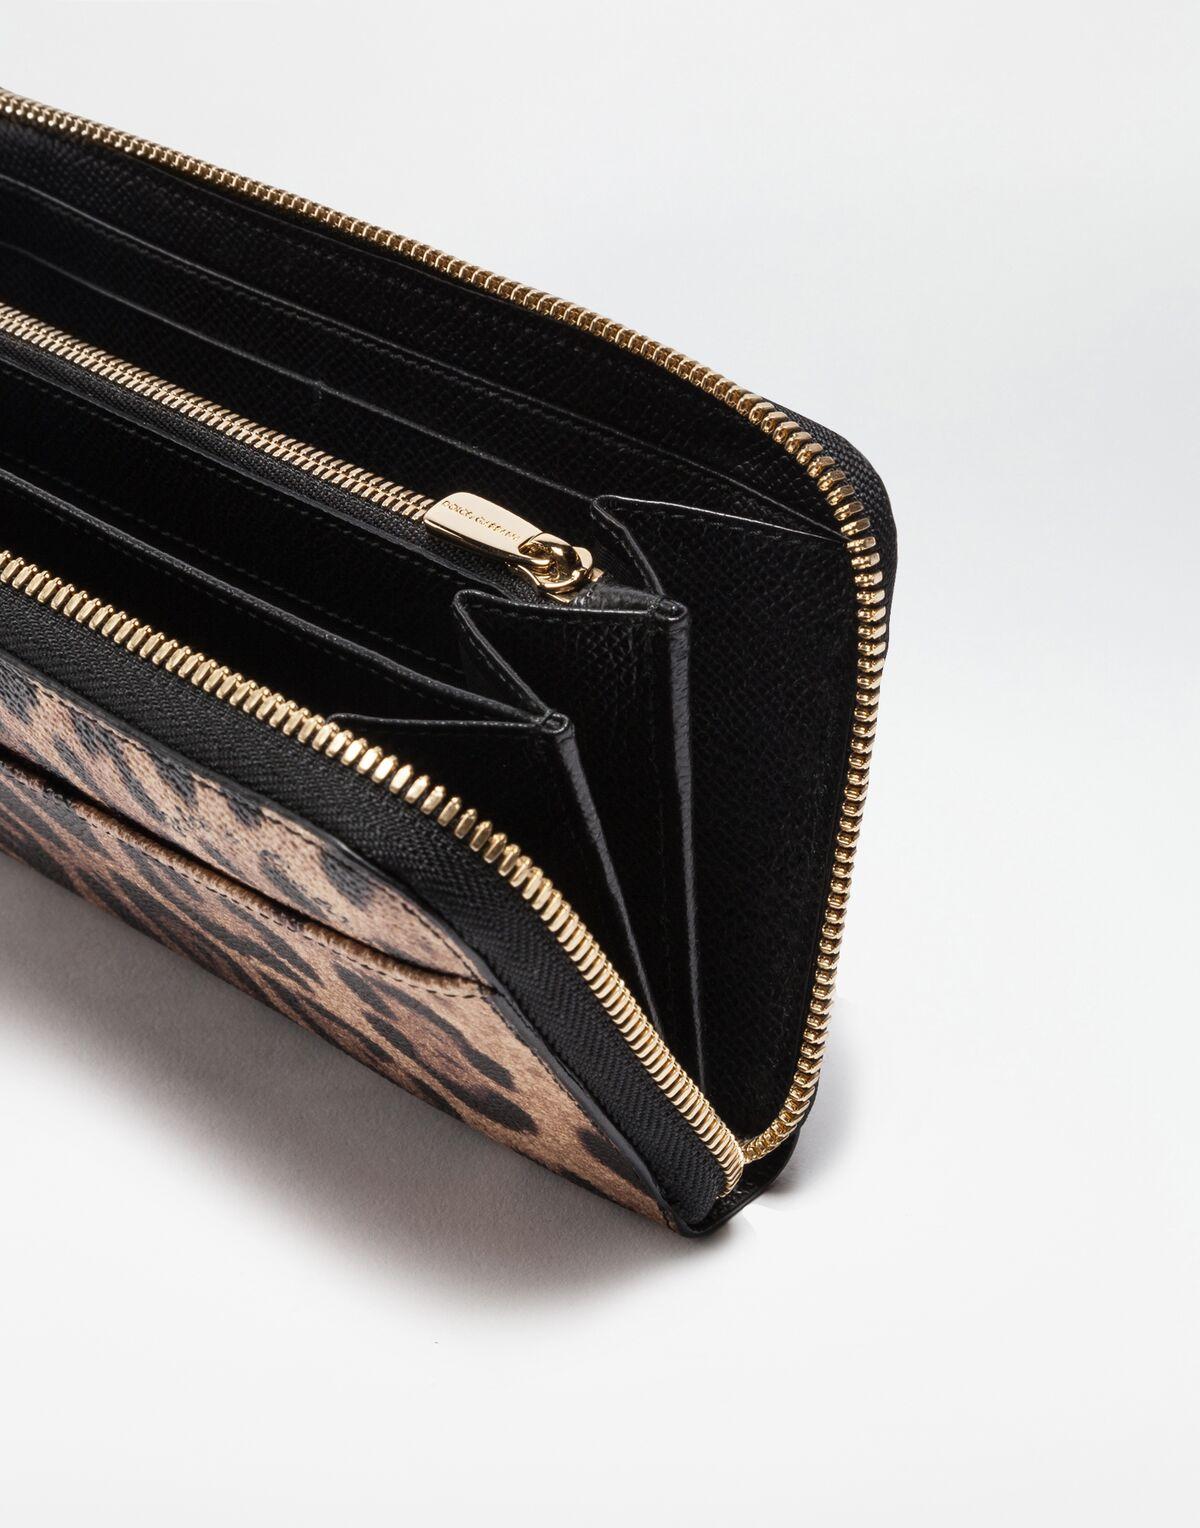 Dolce & Gabbana ZIP-AROUND WALLET IN LEOPARD TEXTURED LEATHER